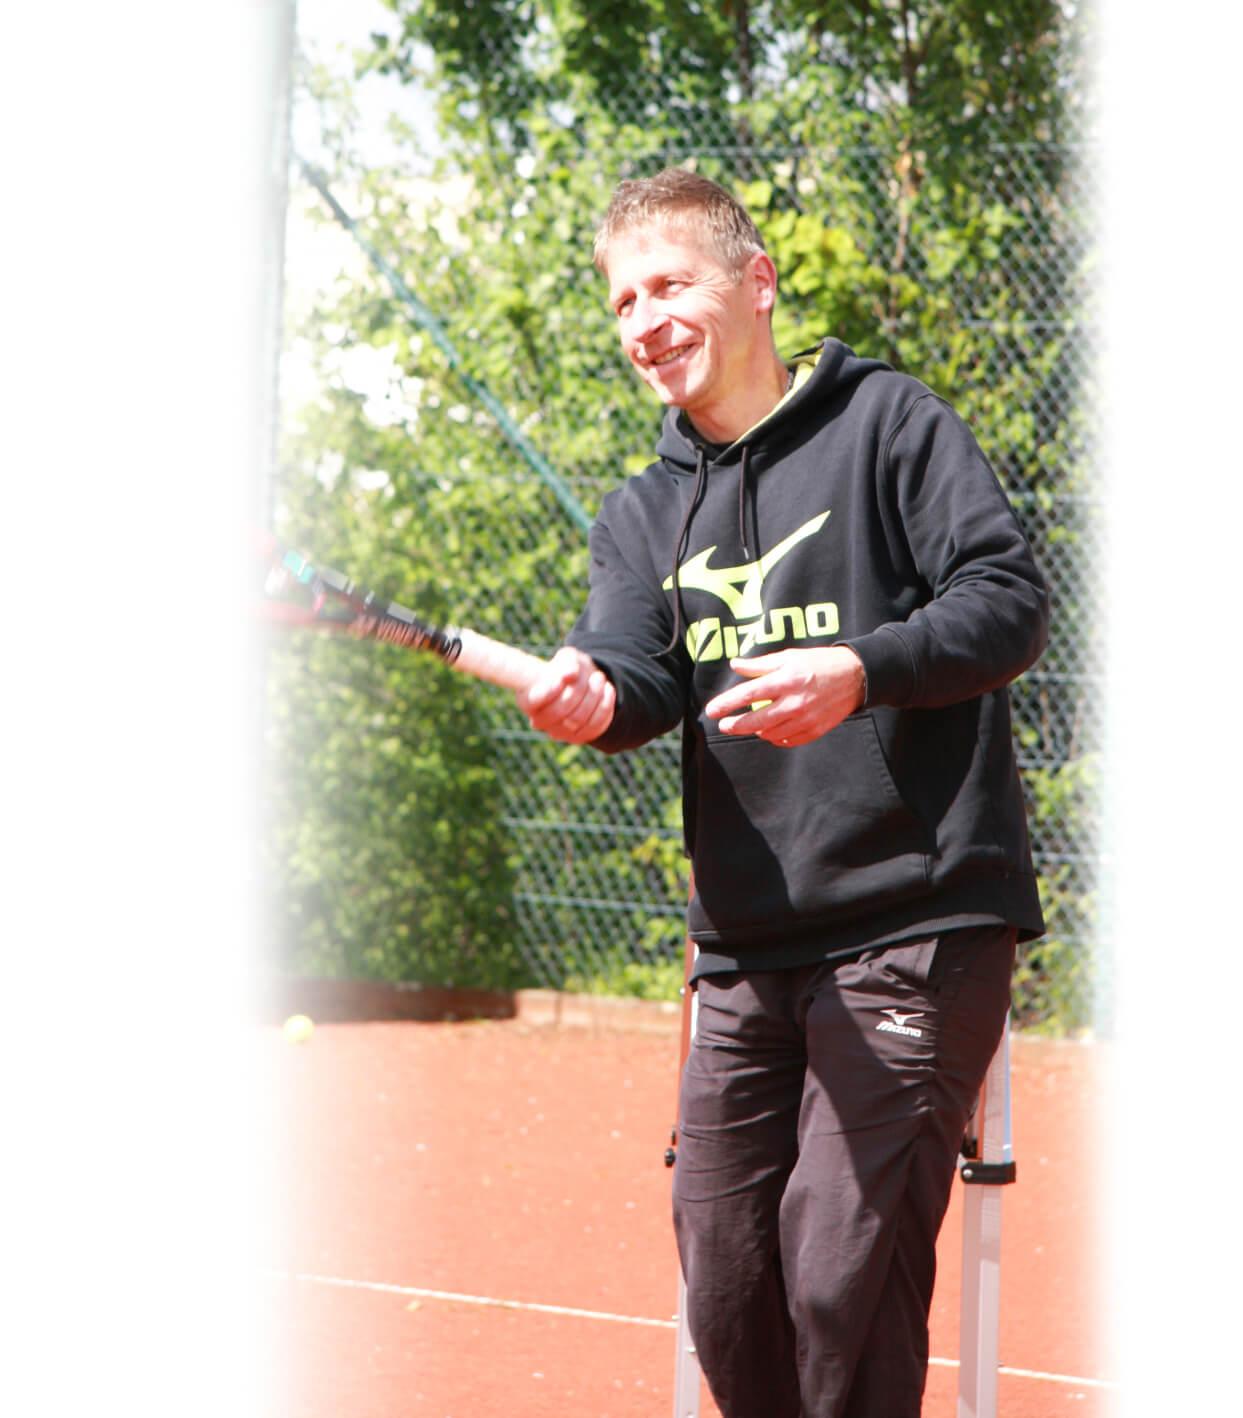 Trainer Jirka